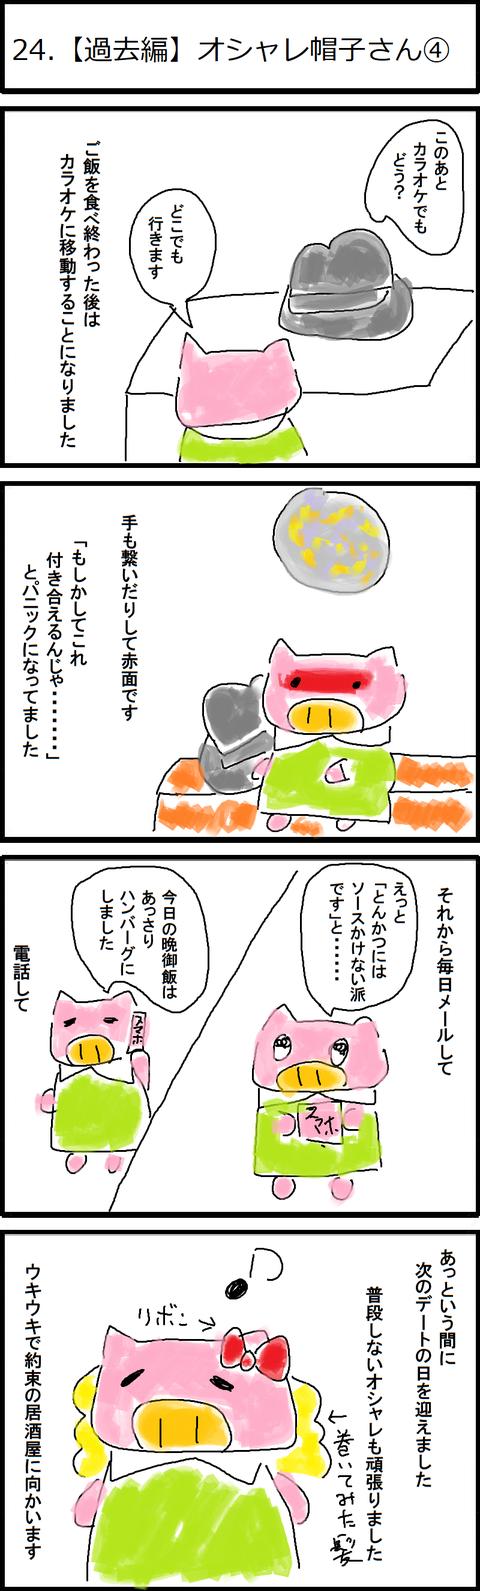 24.【過去編】オシャレ帽子さん④